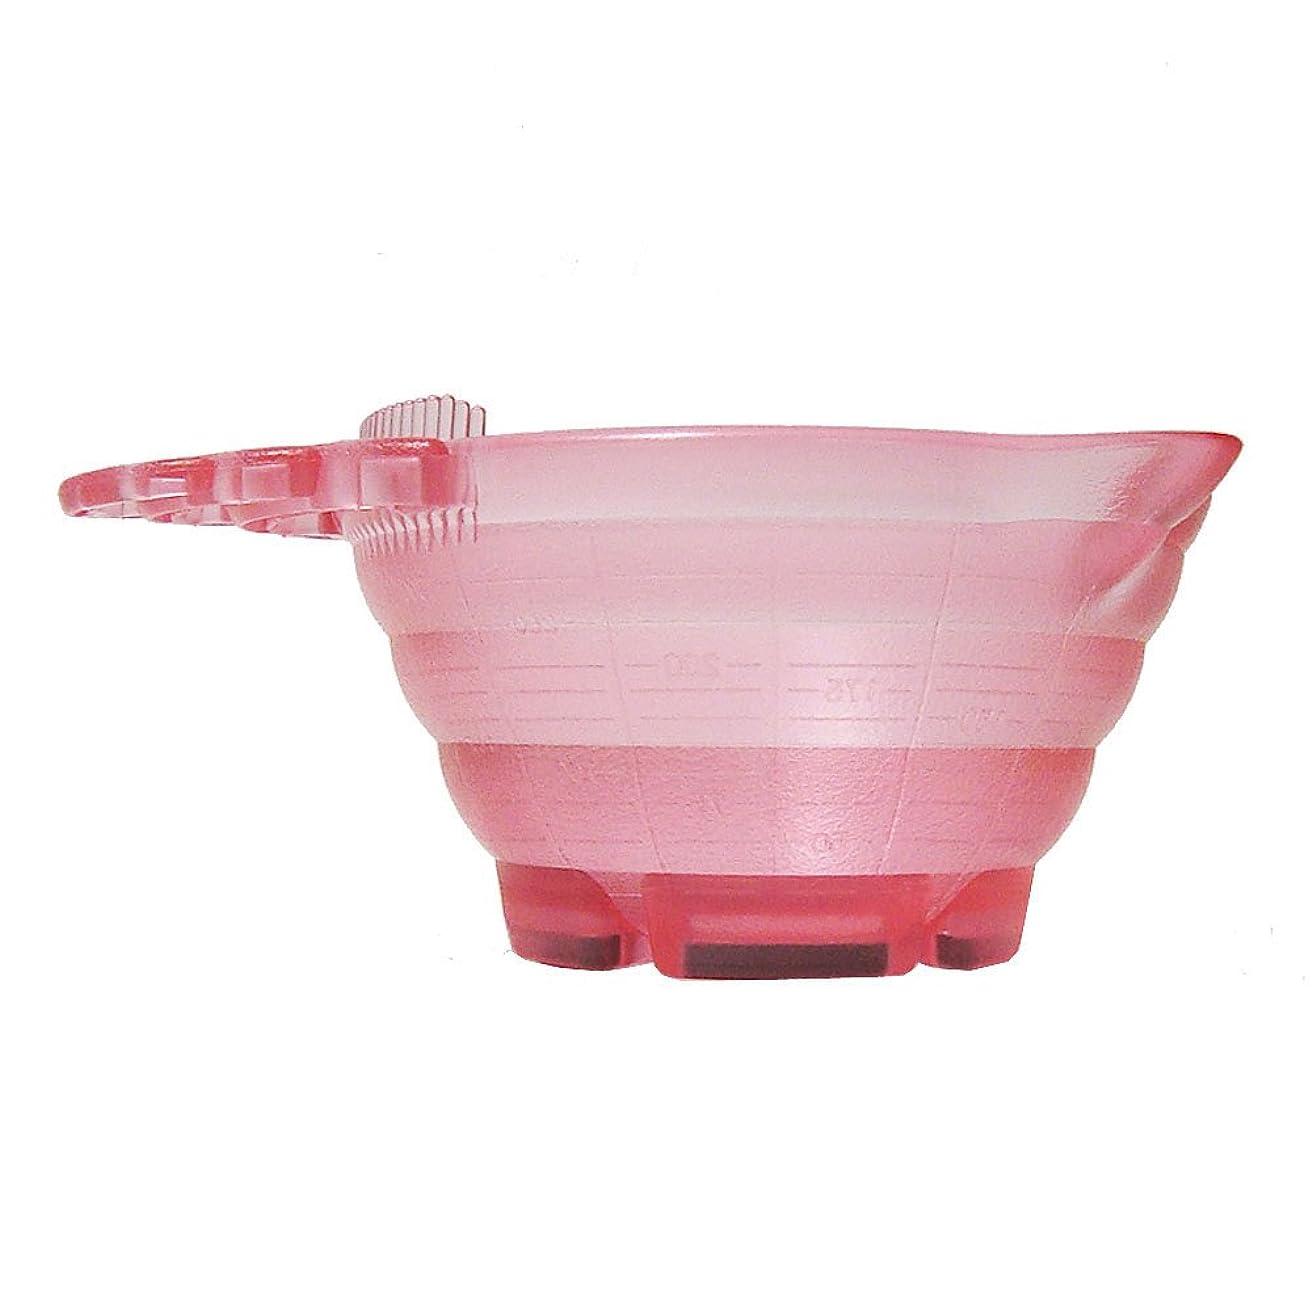 拷問にぎやか金銭的なY.S.PARK プロ ティントボール カラーカップ ピンク